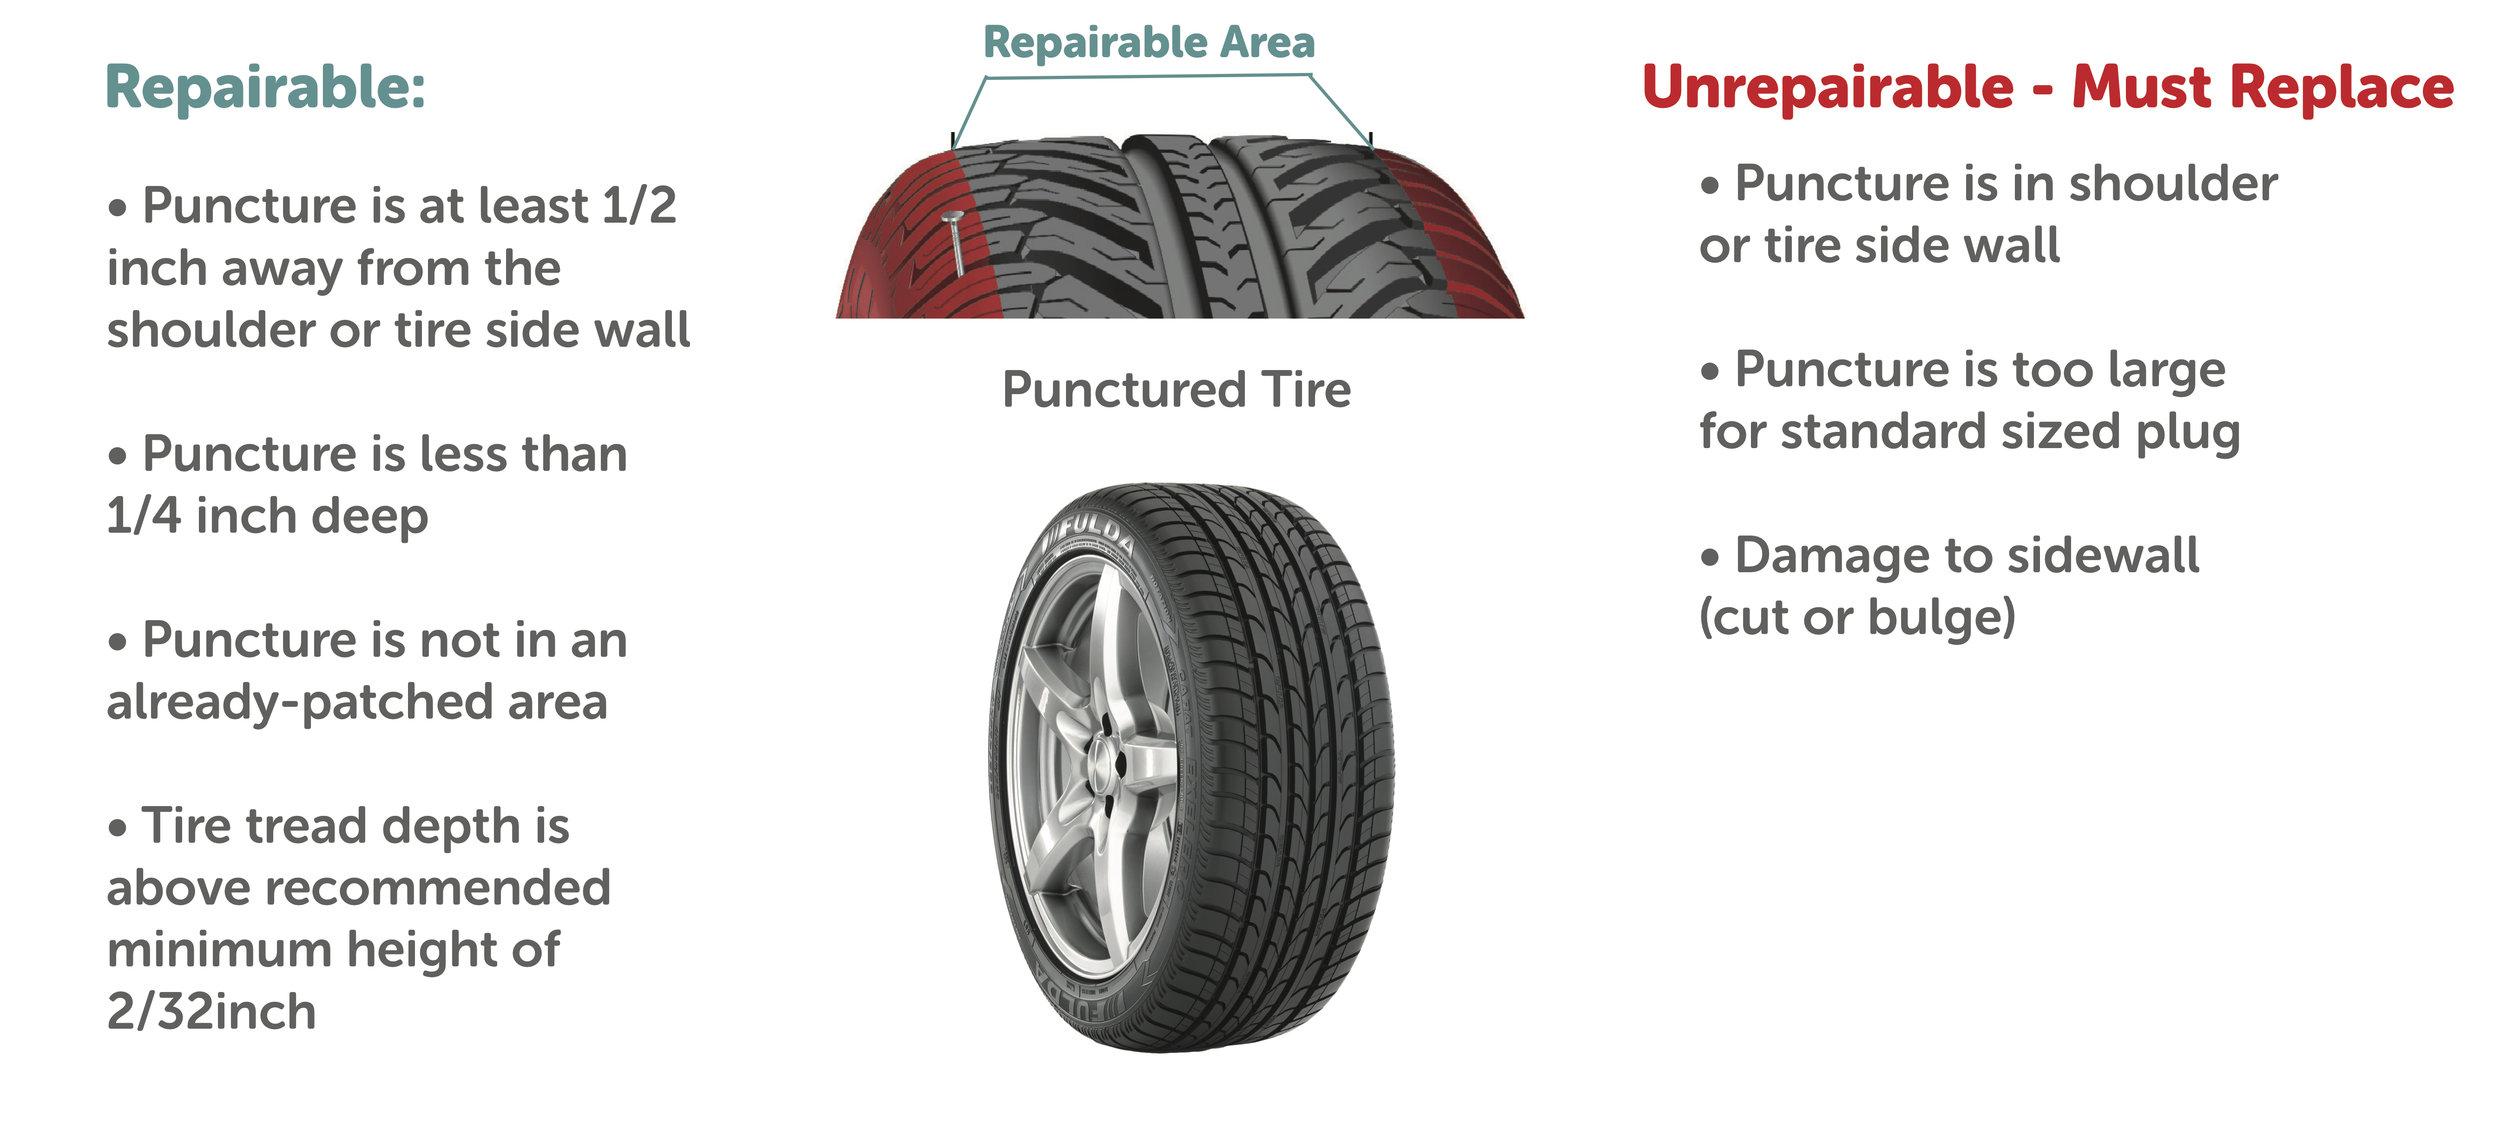 Repairable vs Unrepairable.jpg